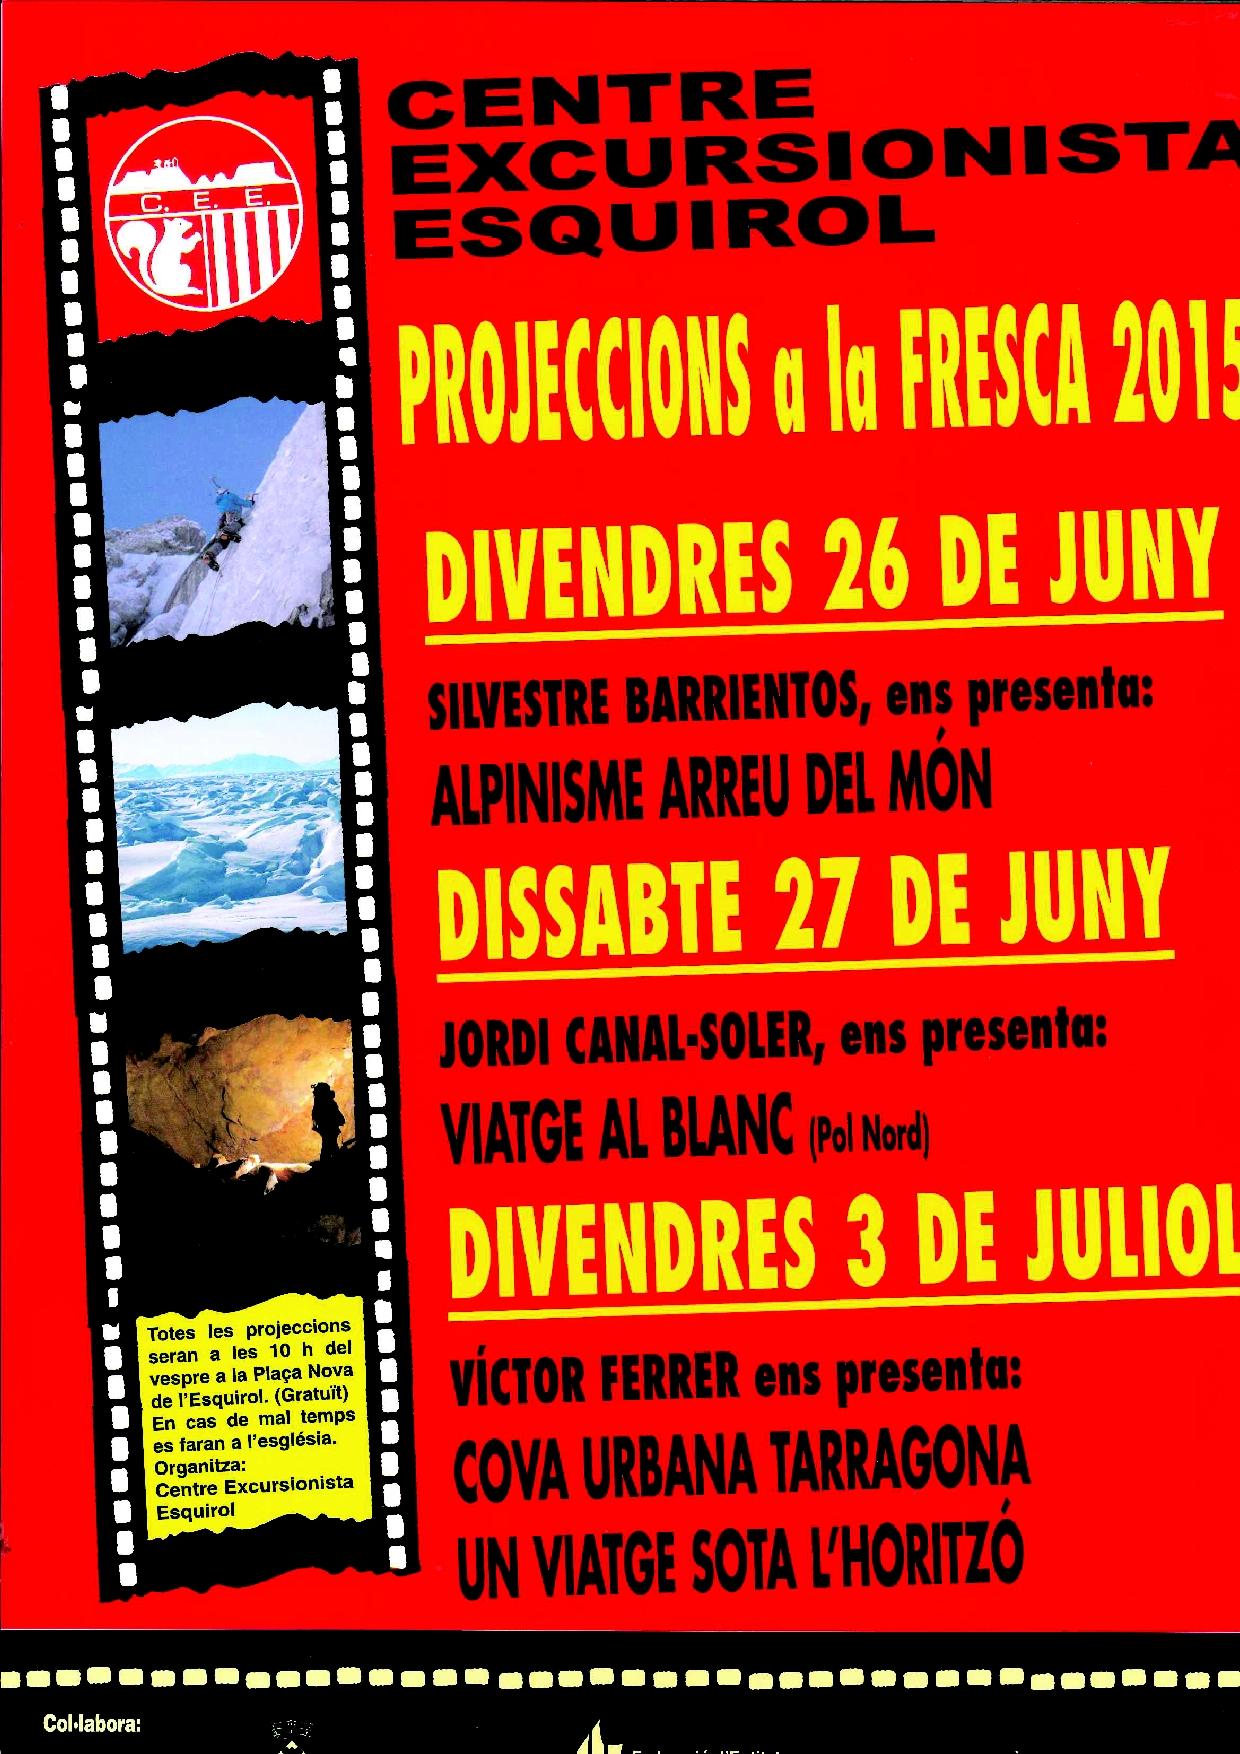 Programa de les projeccions a la fresca 2015